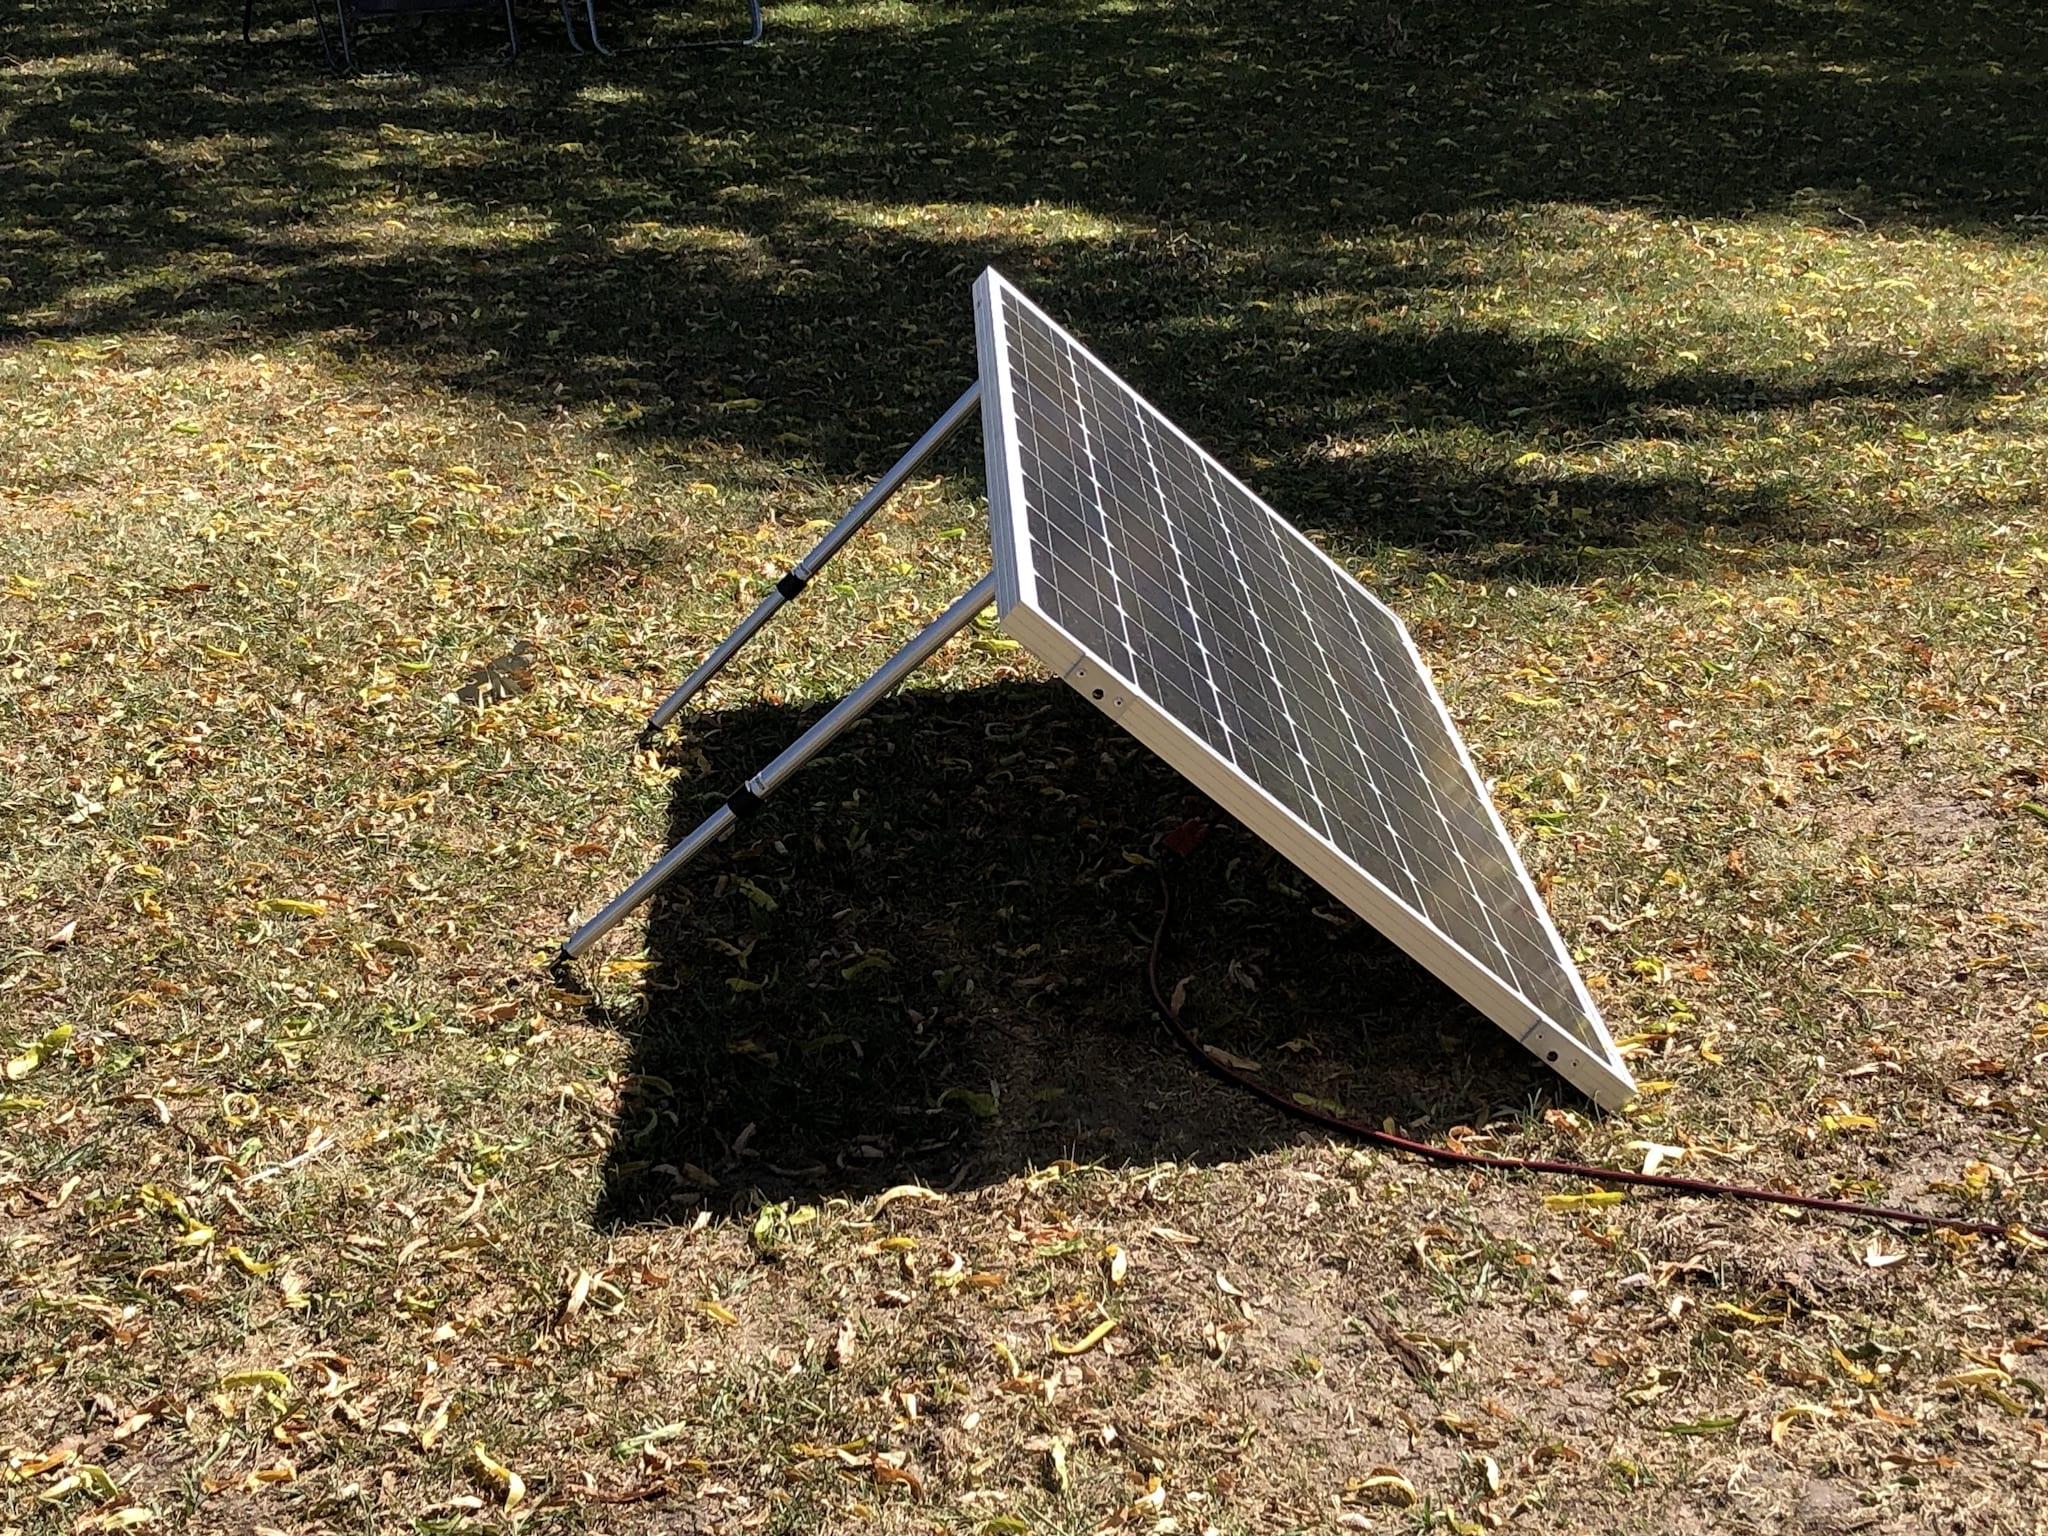 A portable solar panel facing the sun.